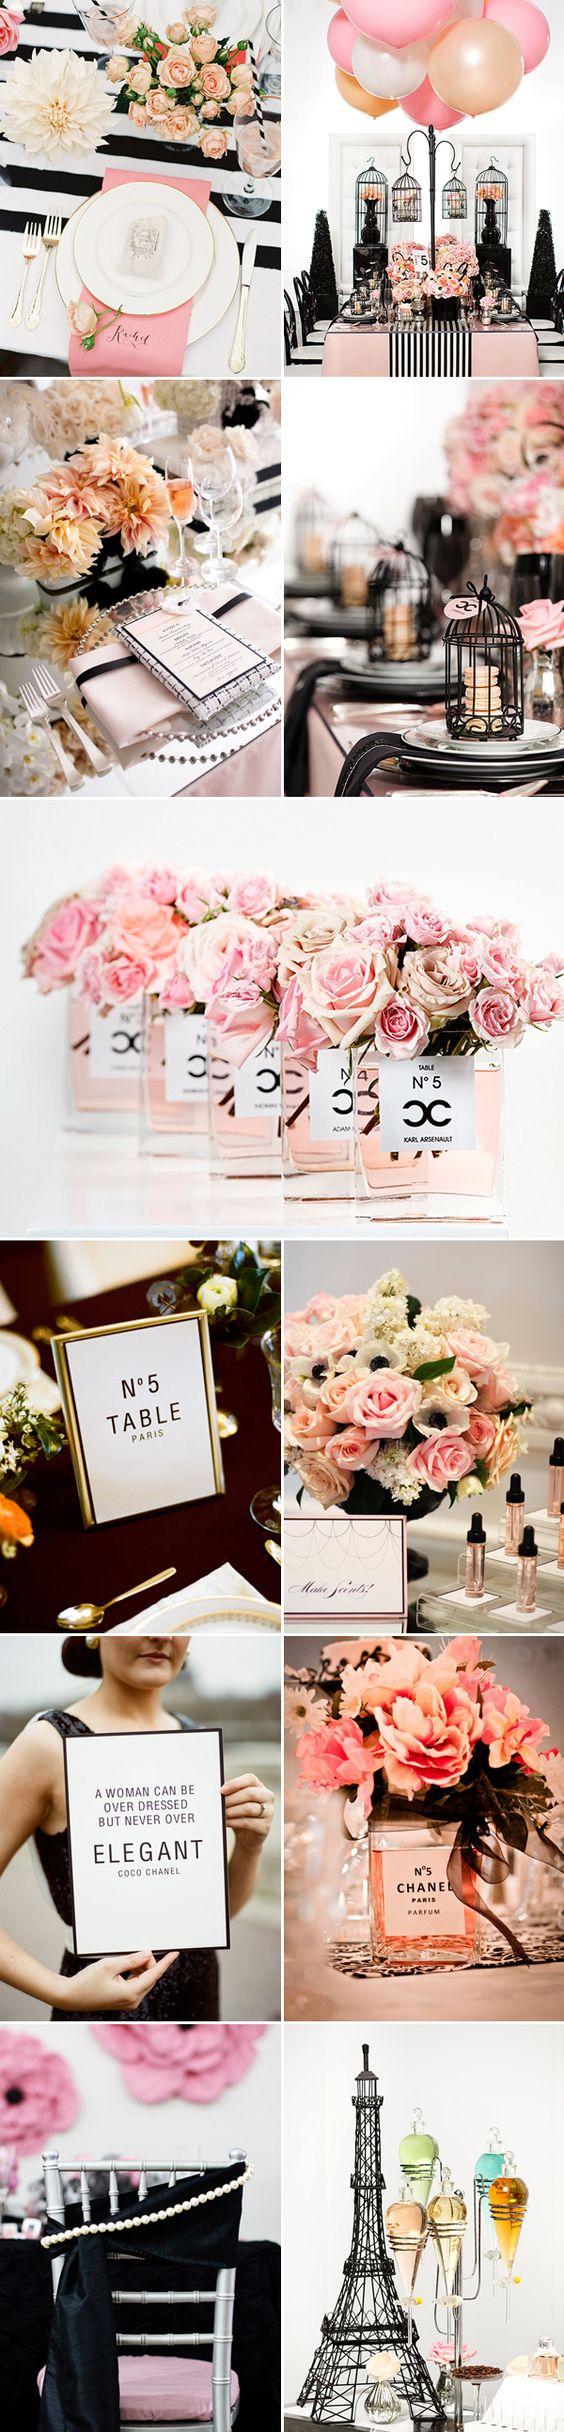 D coration de mariage rose noir et dor d coration no l rouge table for Deco table rose et noir